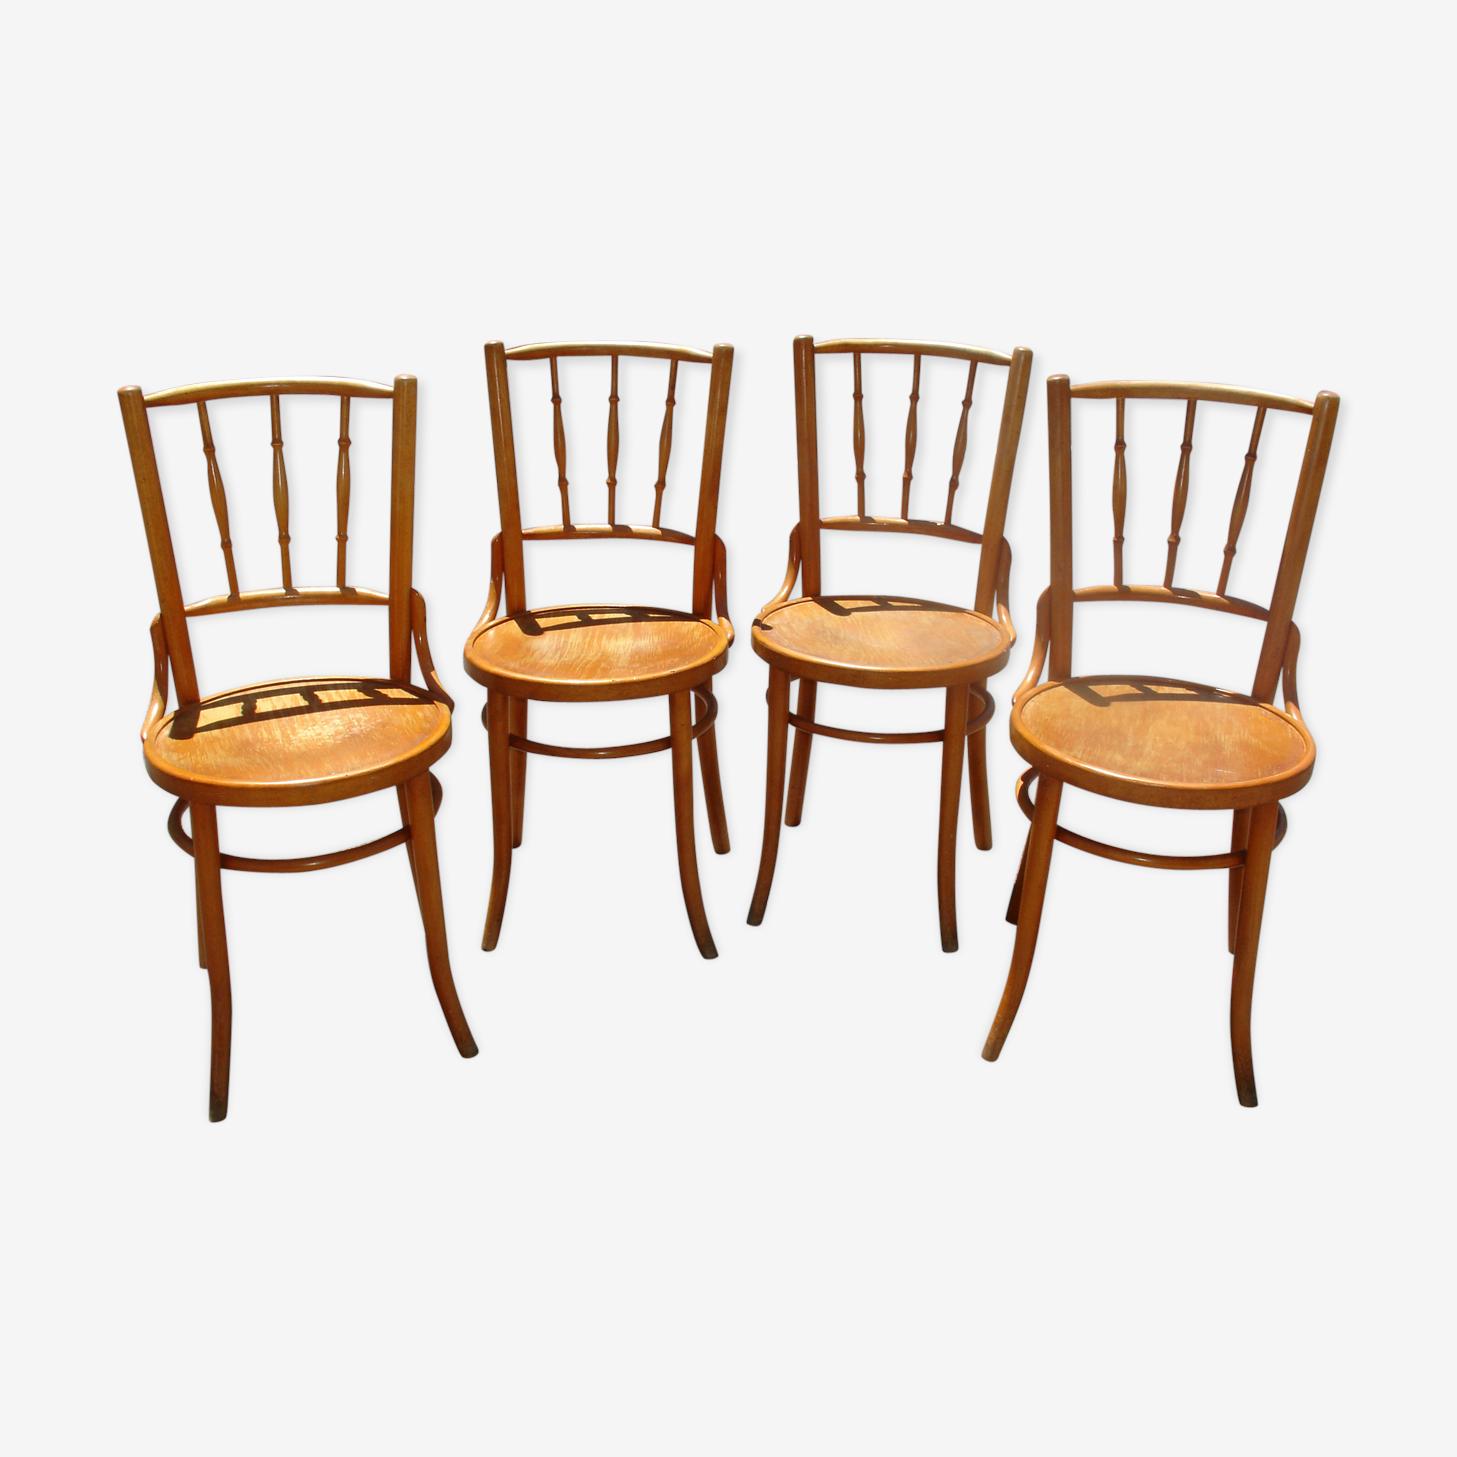 Série de 4 chaises de bistrot en hêtre naturel vers 1920